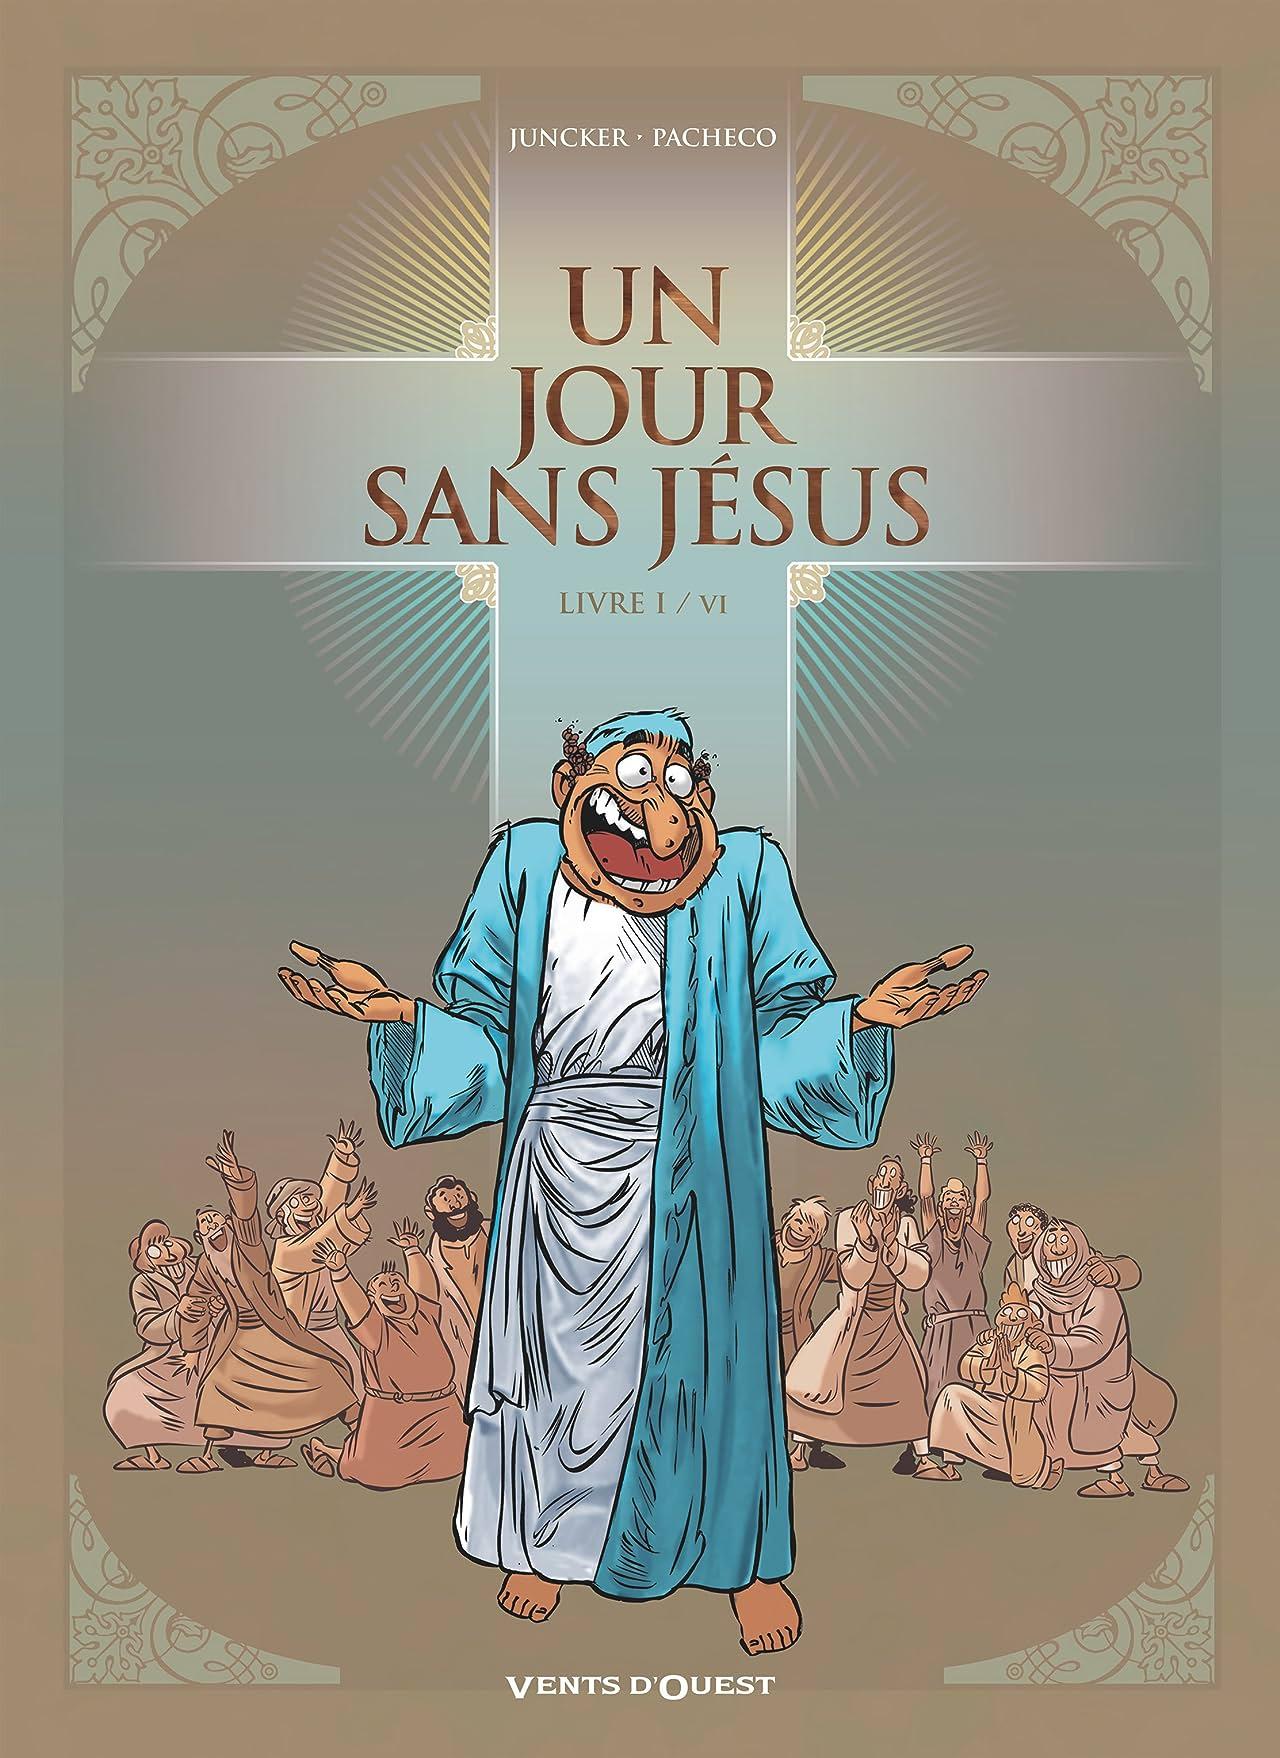 Un jour sans Jésus Vol. 1